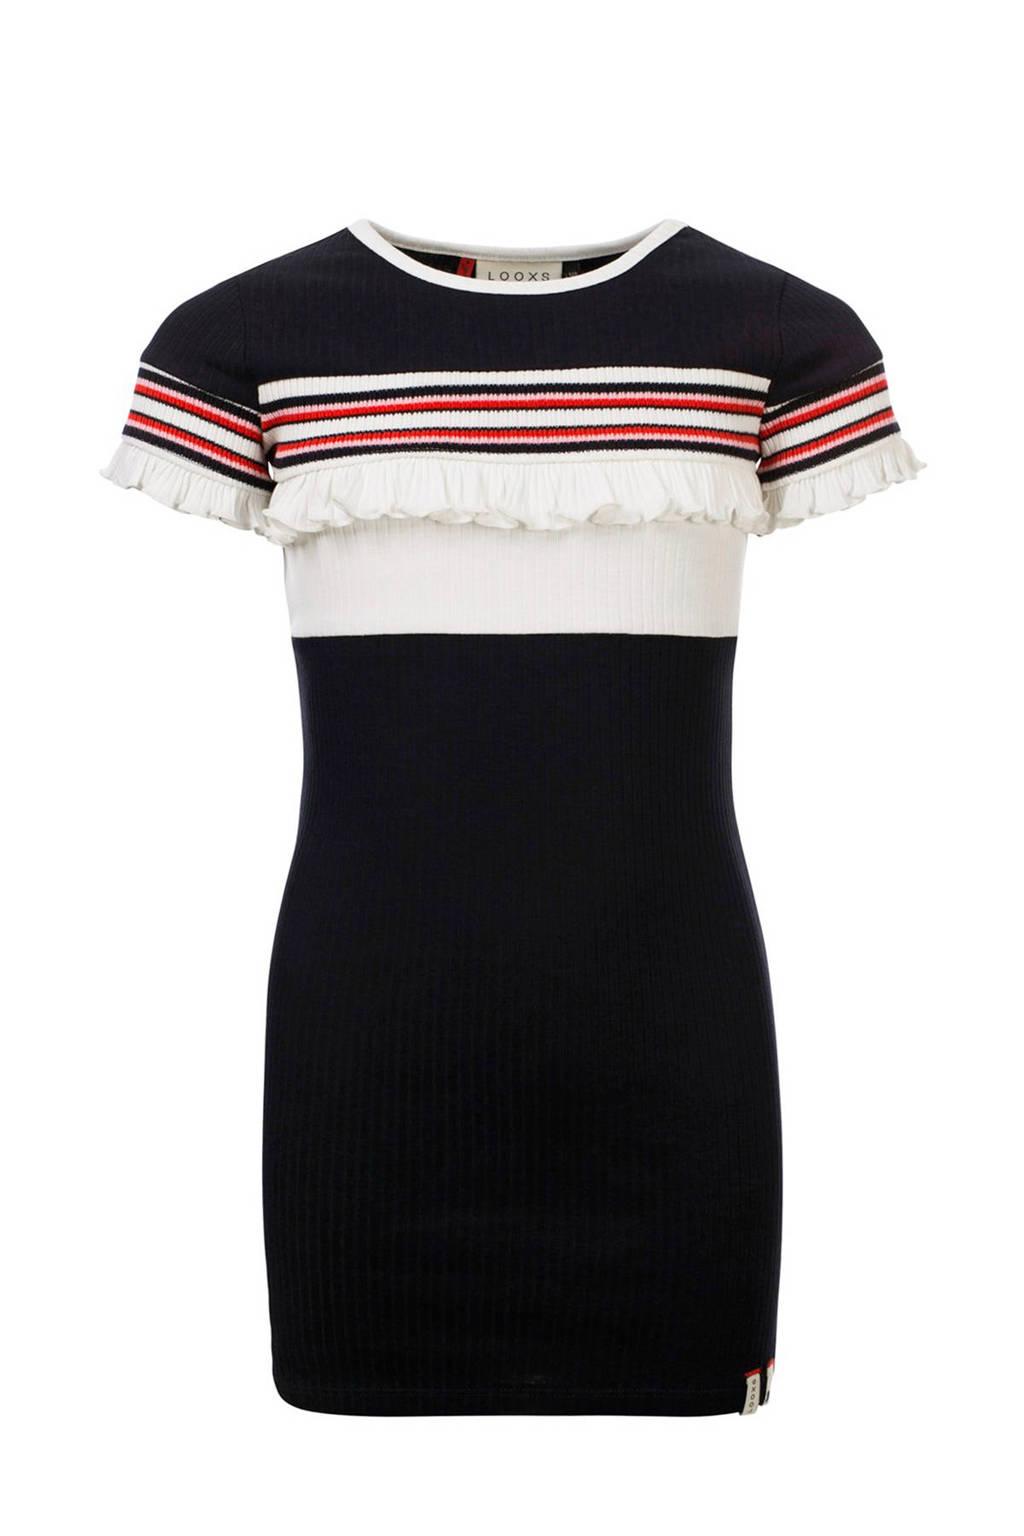 LOOXS jersey jurk met ruches donkerblauw/wit/rood, Donkerblauw/wit/rood